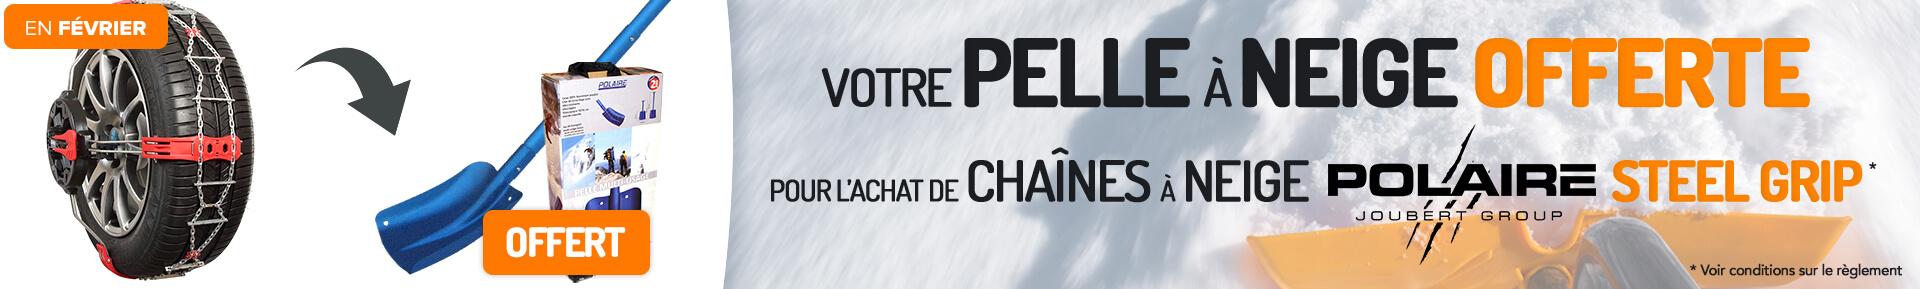 Votre pelle à neige offerte pour l'achat de chaînes à neige POLAIRE STELL GRIP *